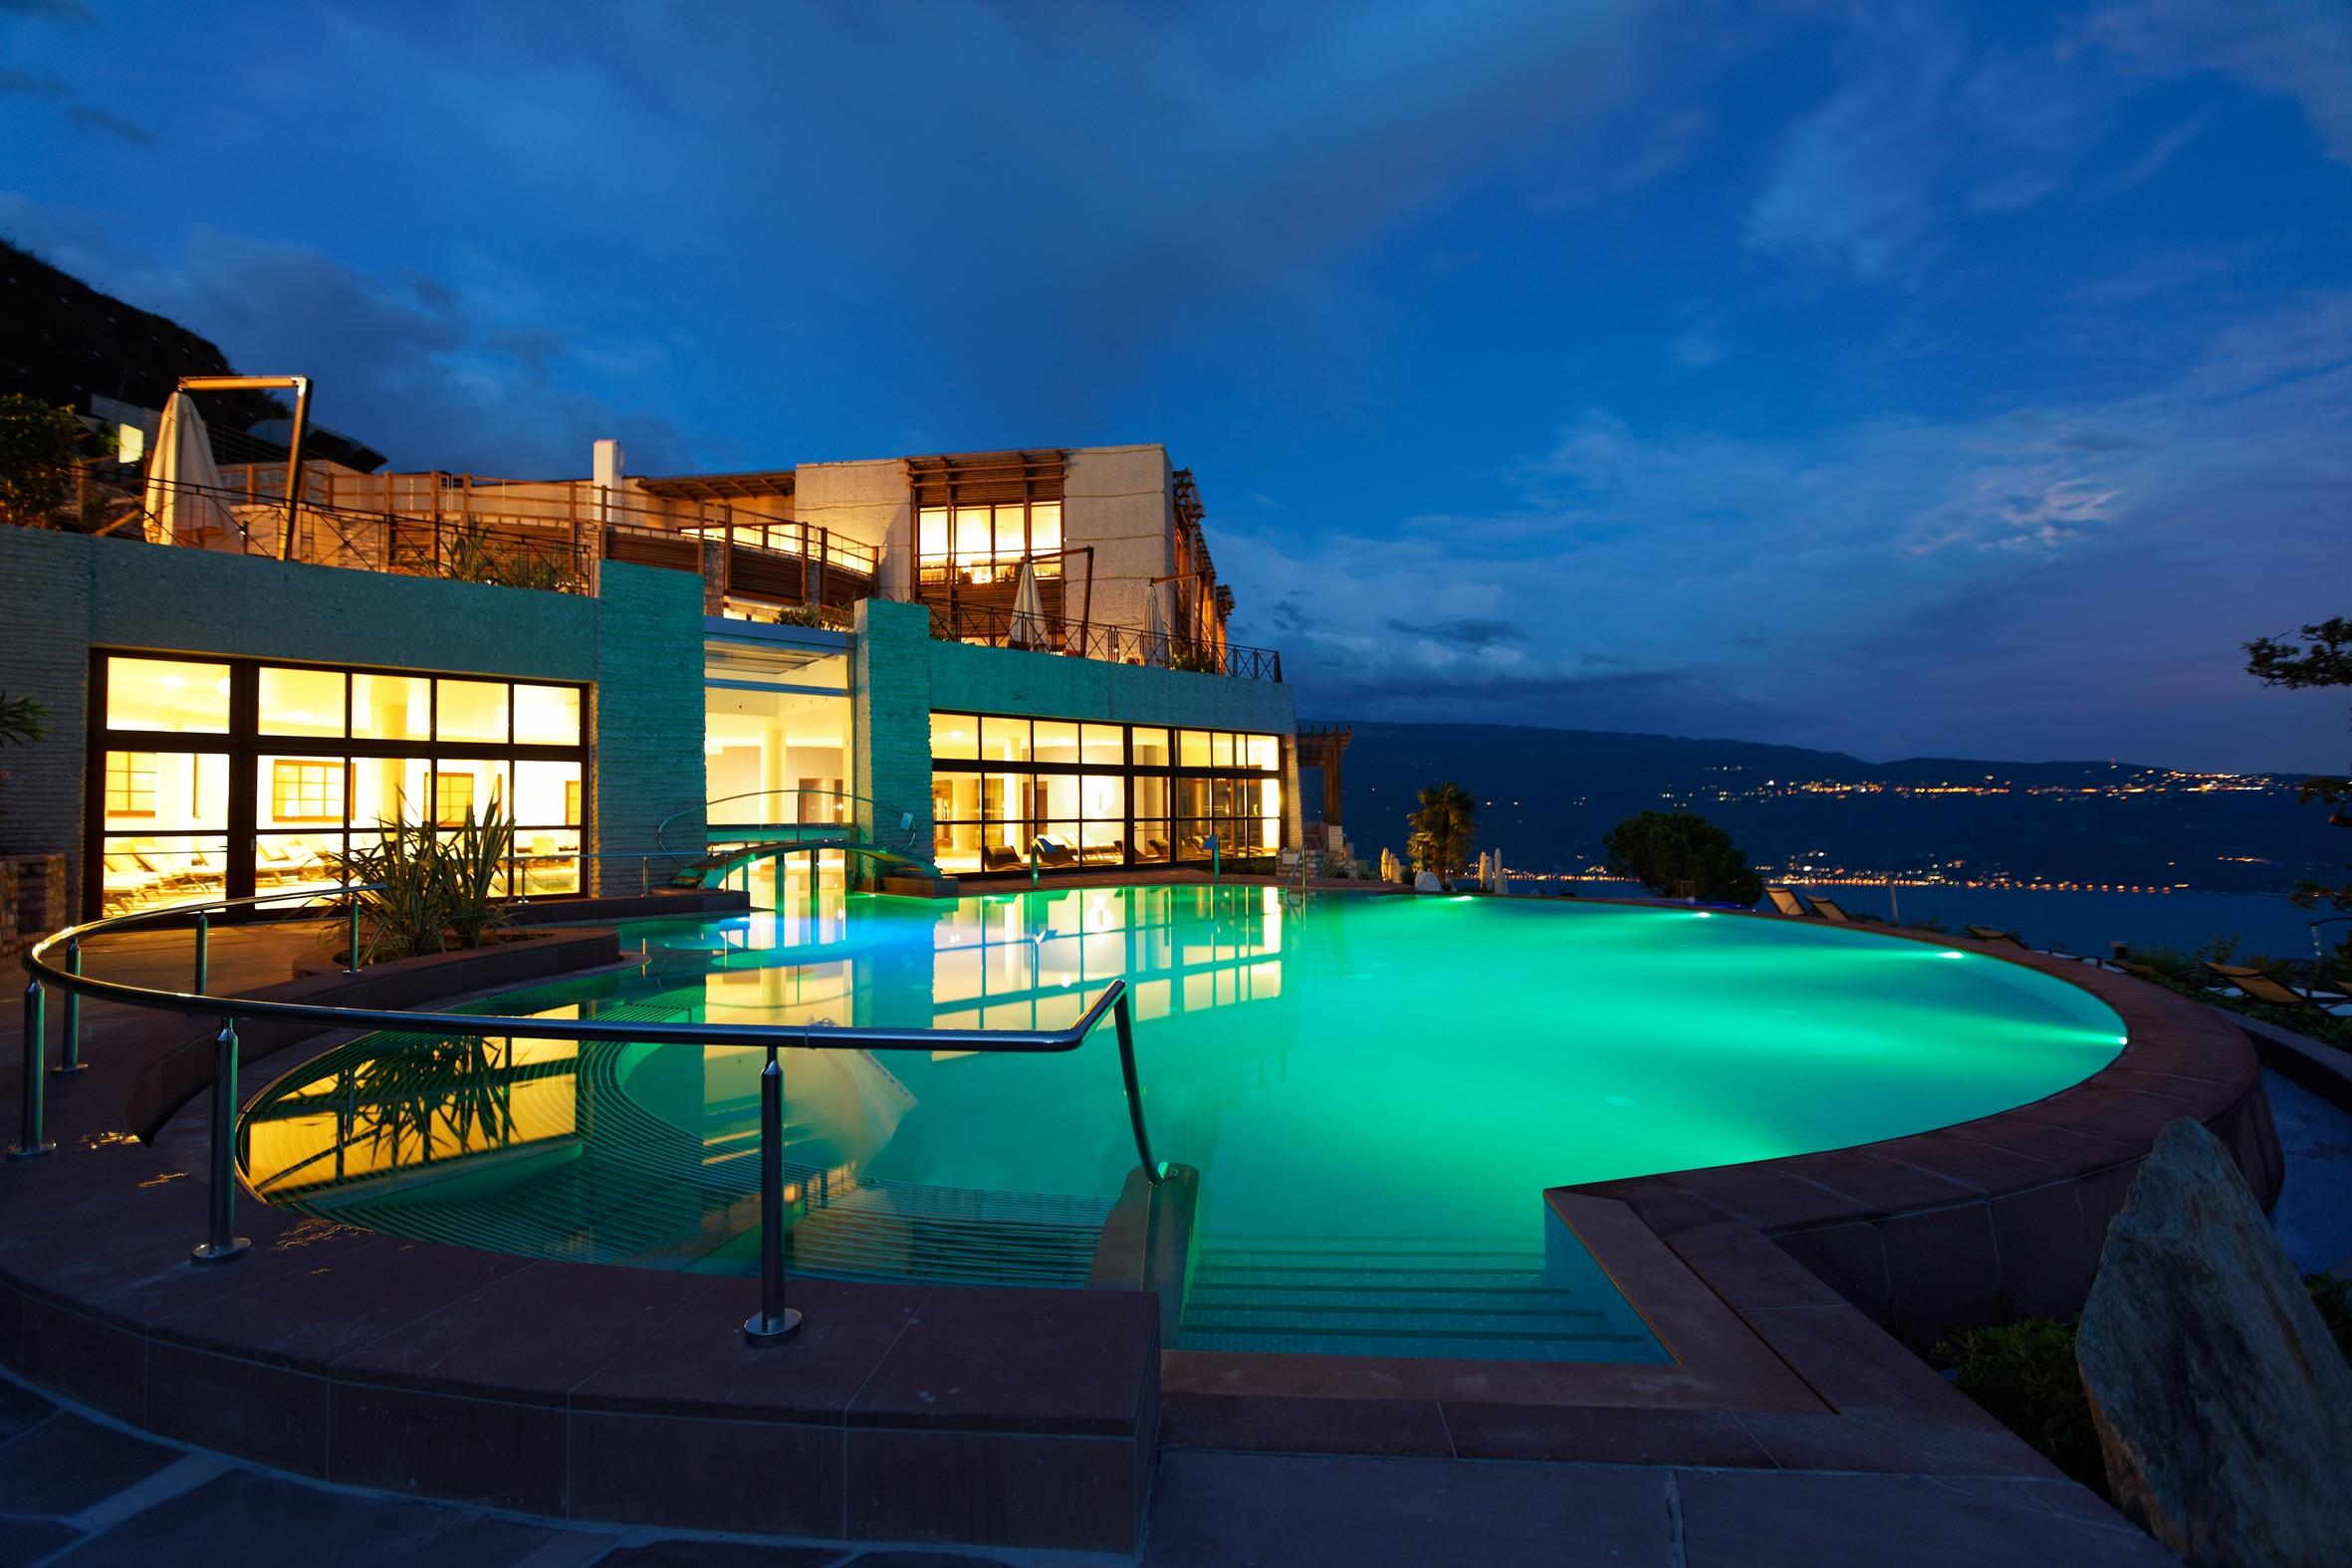 L'esterno di sera del Lefay Resort & Spa Lago di Garda di Gargnano